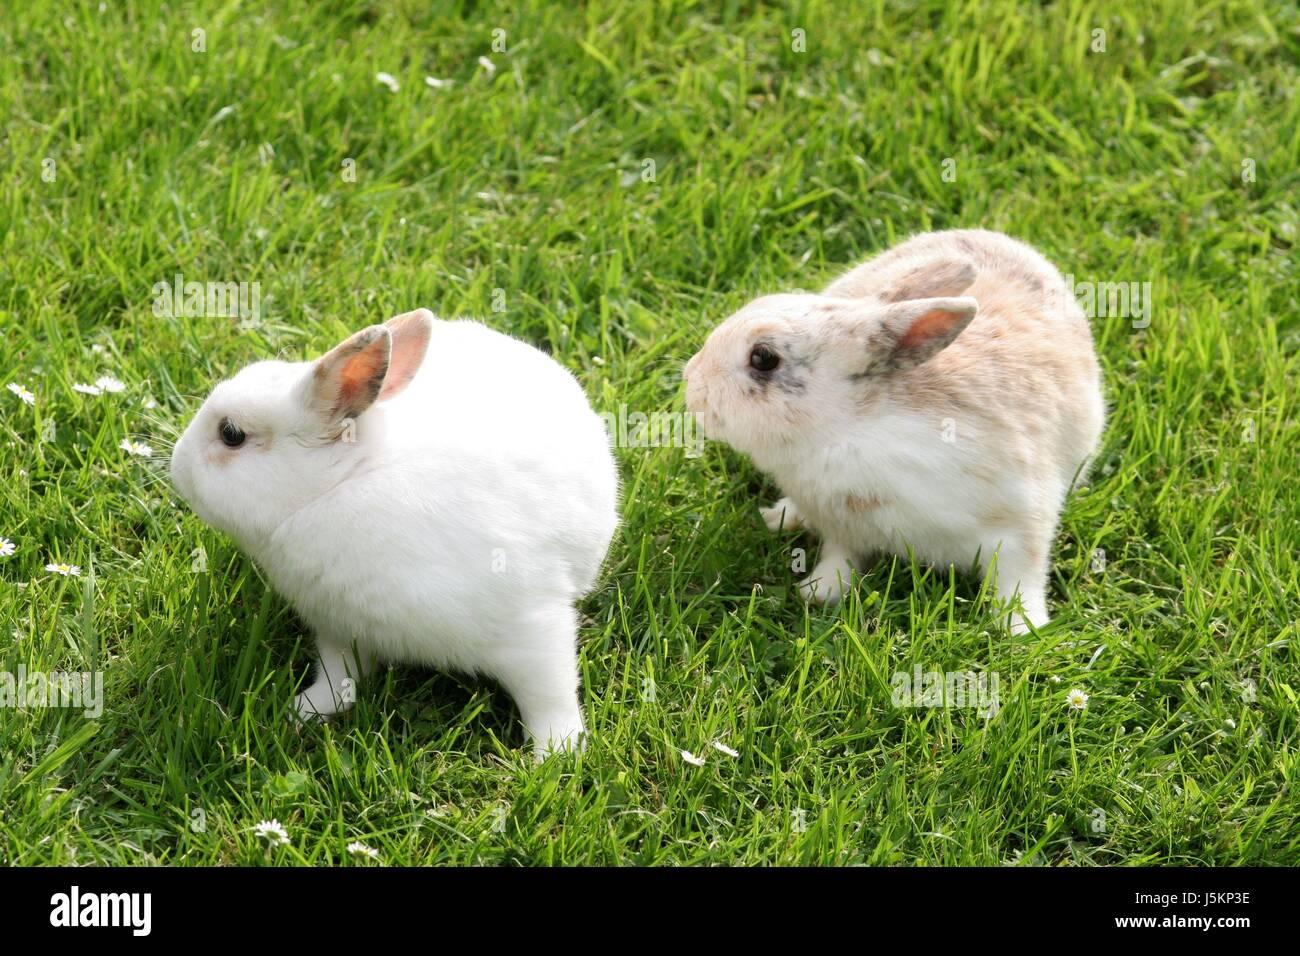 Los Animales Domésticos Animales Pequeños Roedores